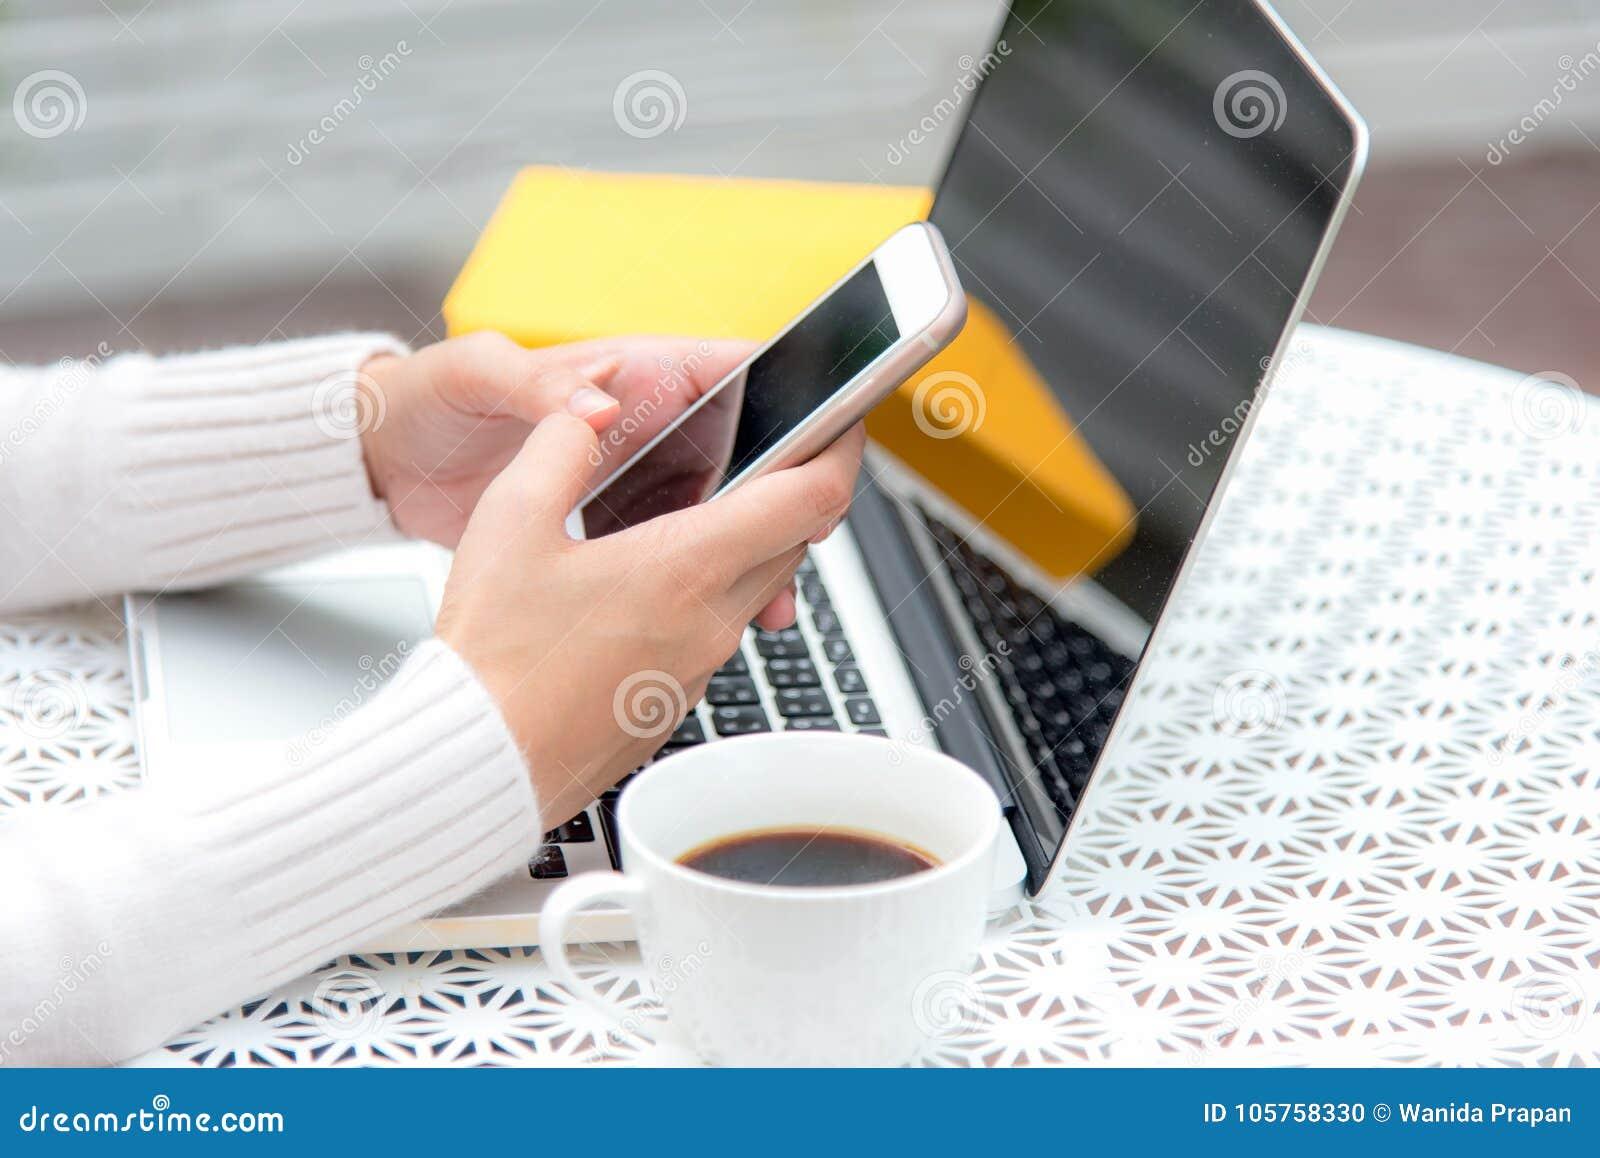 как продать кредит по телефону как оформить кредит онлайн в сбербанке